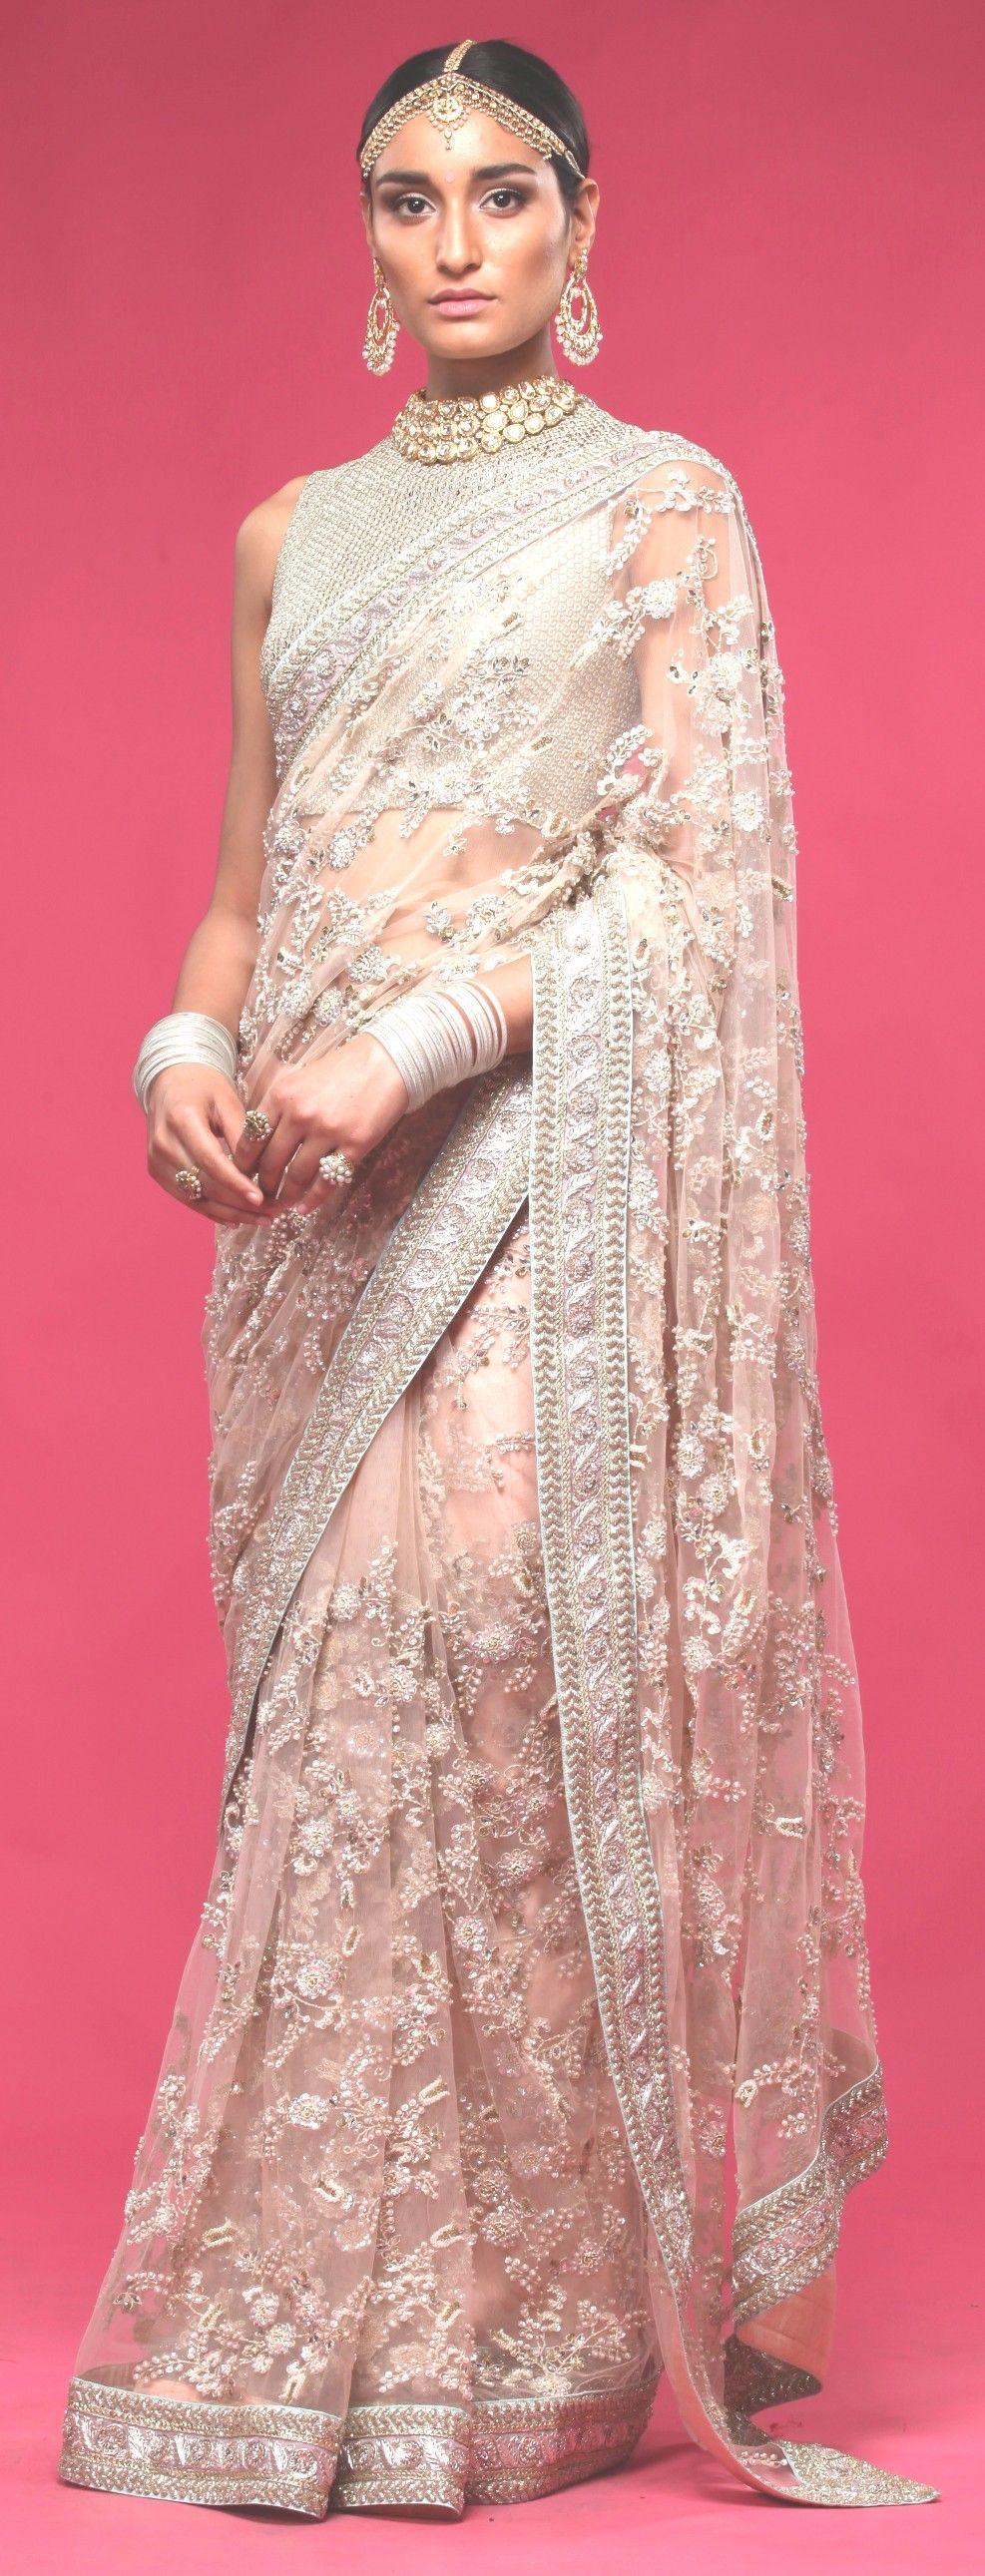 Pin de Luz carvajal en moda | Pinterest | Novia asiática, Los indios ...